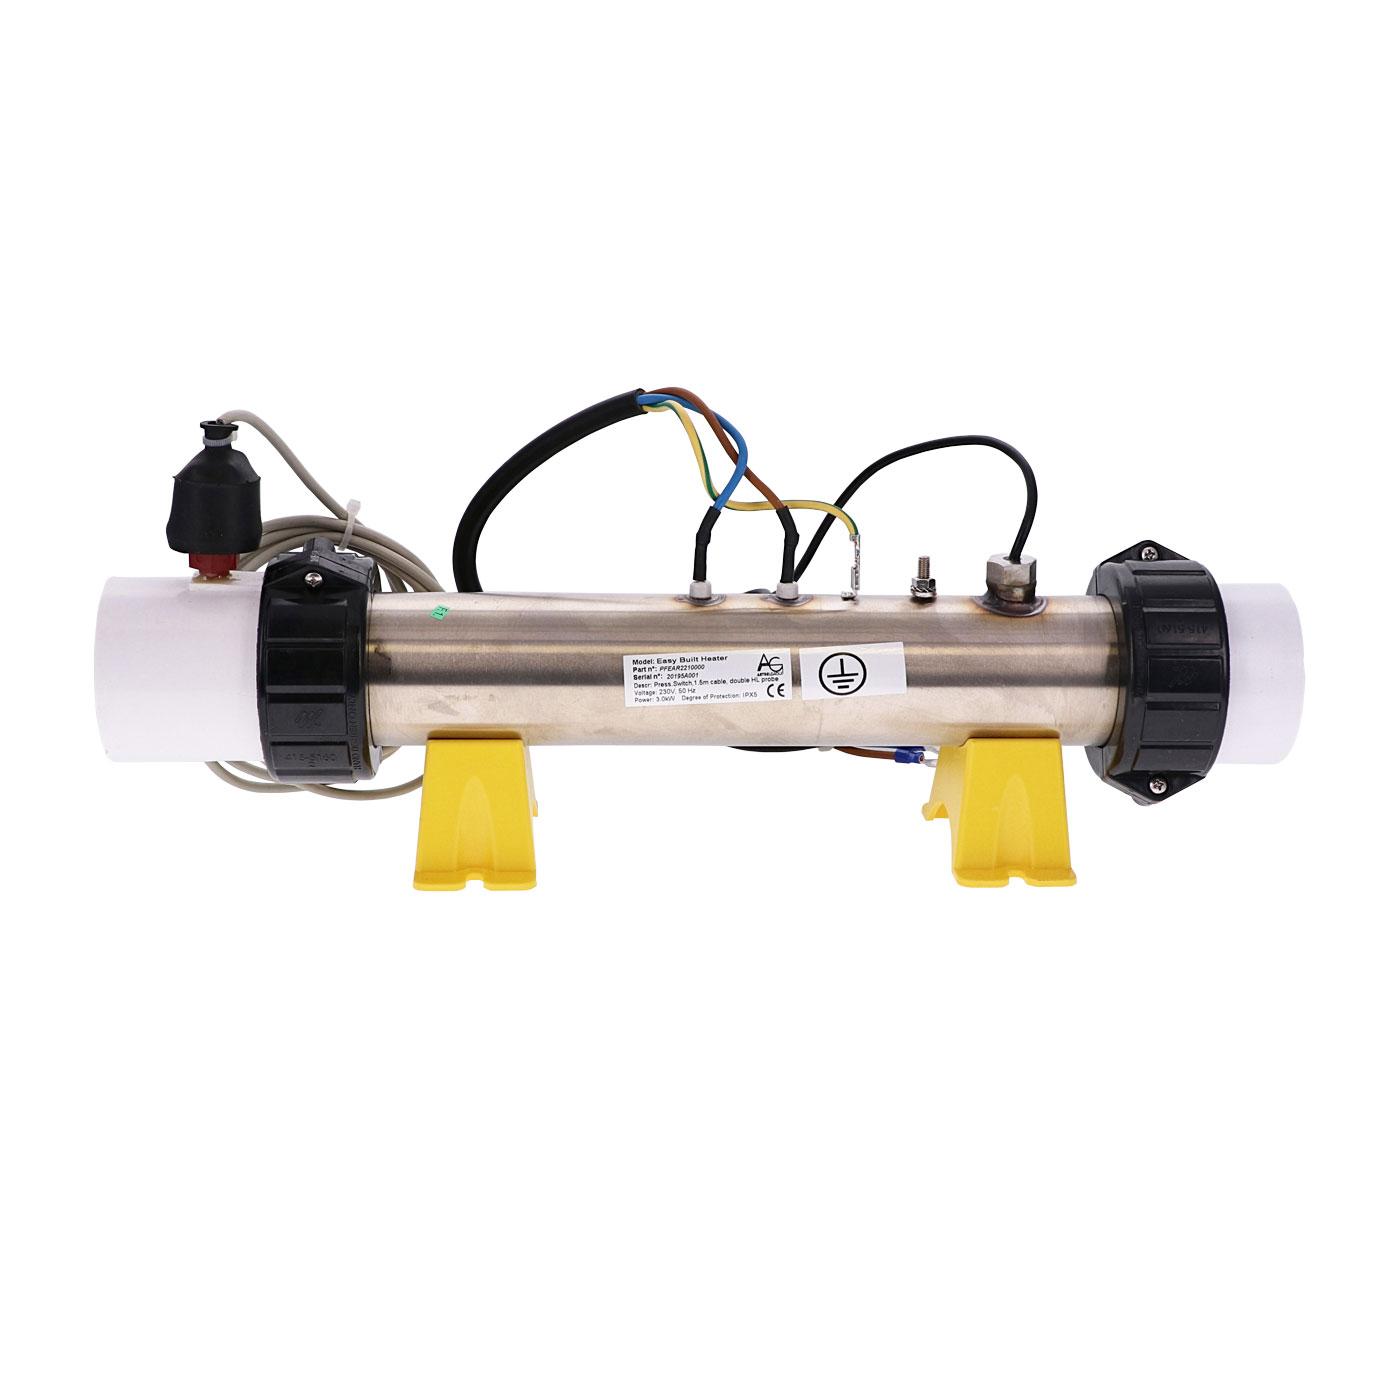 Réchauffeur 3kW Astrel Easy avec double sonde HL